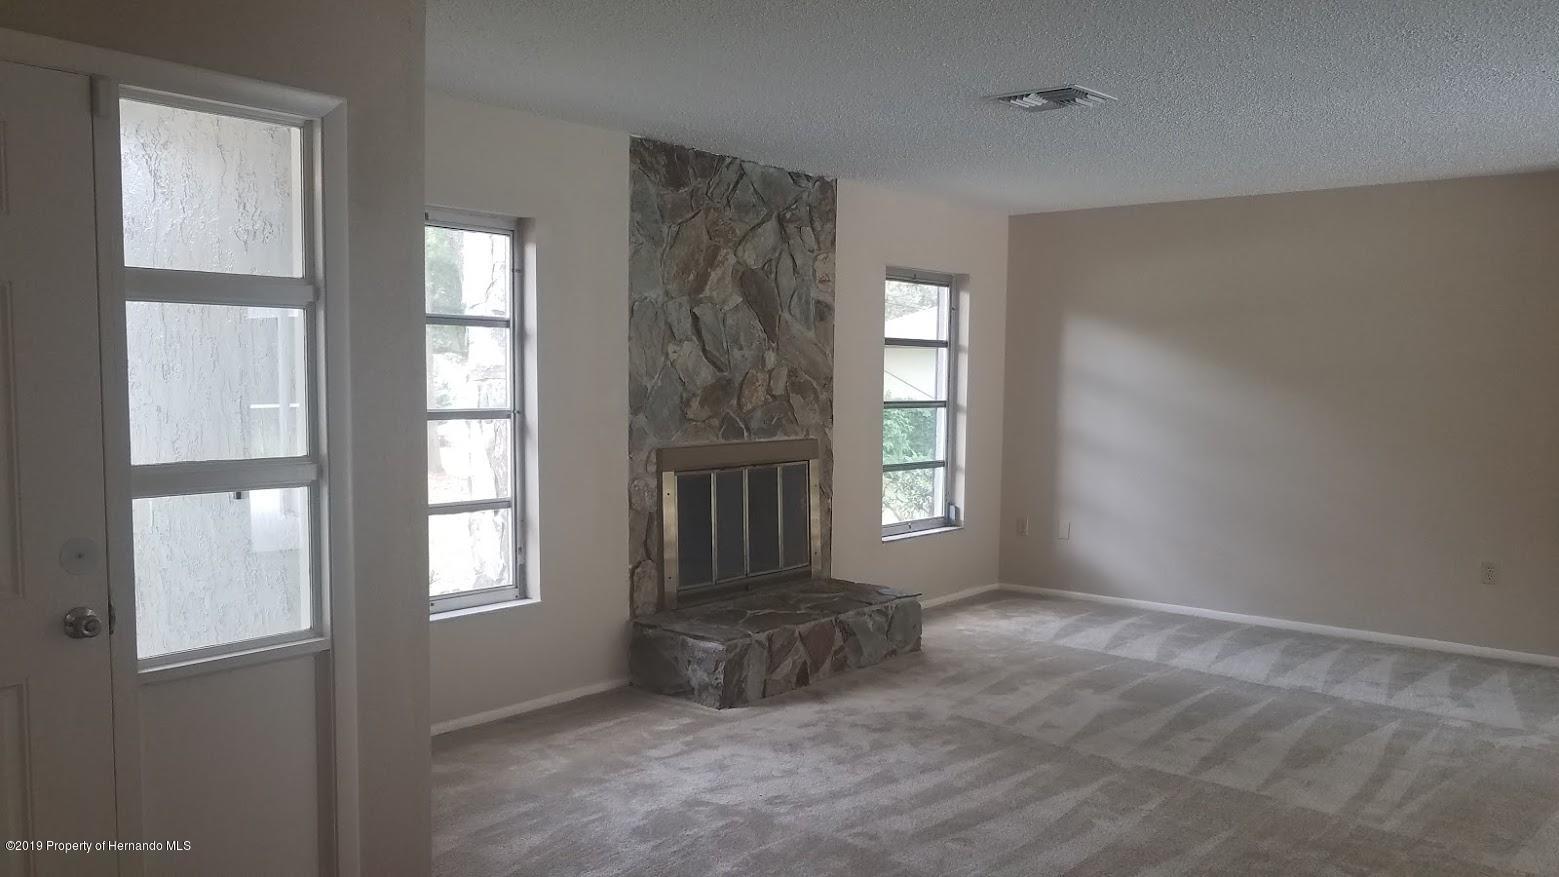 1194 Hallcrest Avenue, Spring Hill, Florida 34608, 2 Bedrooms Bedrooms, ,2 BathroomsBathrooms,Residential,For Sale,Hallcrest,2203160